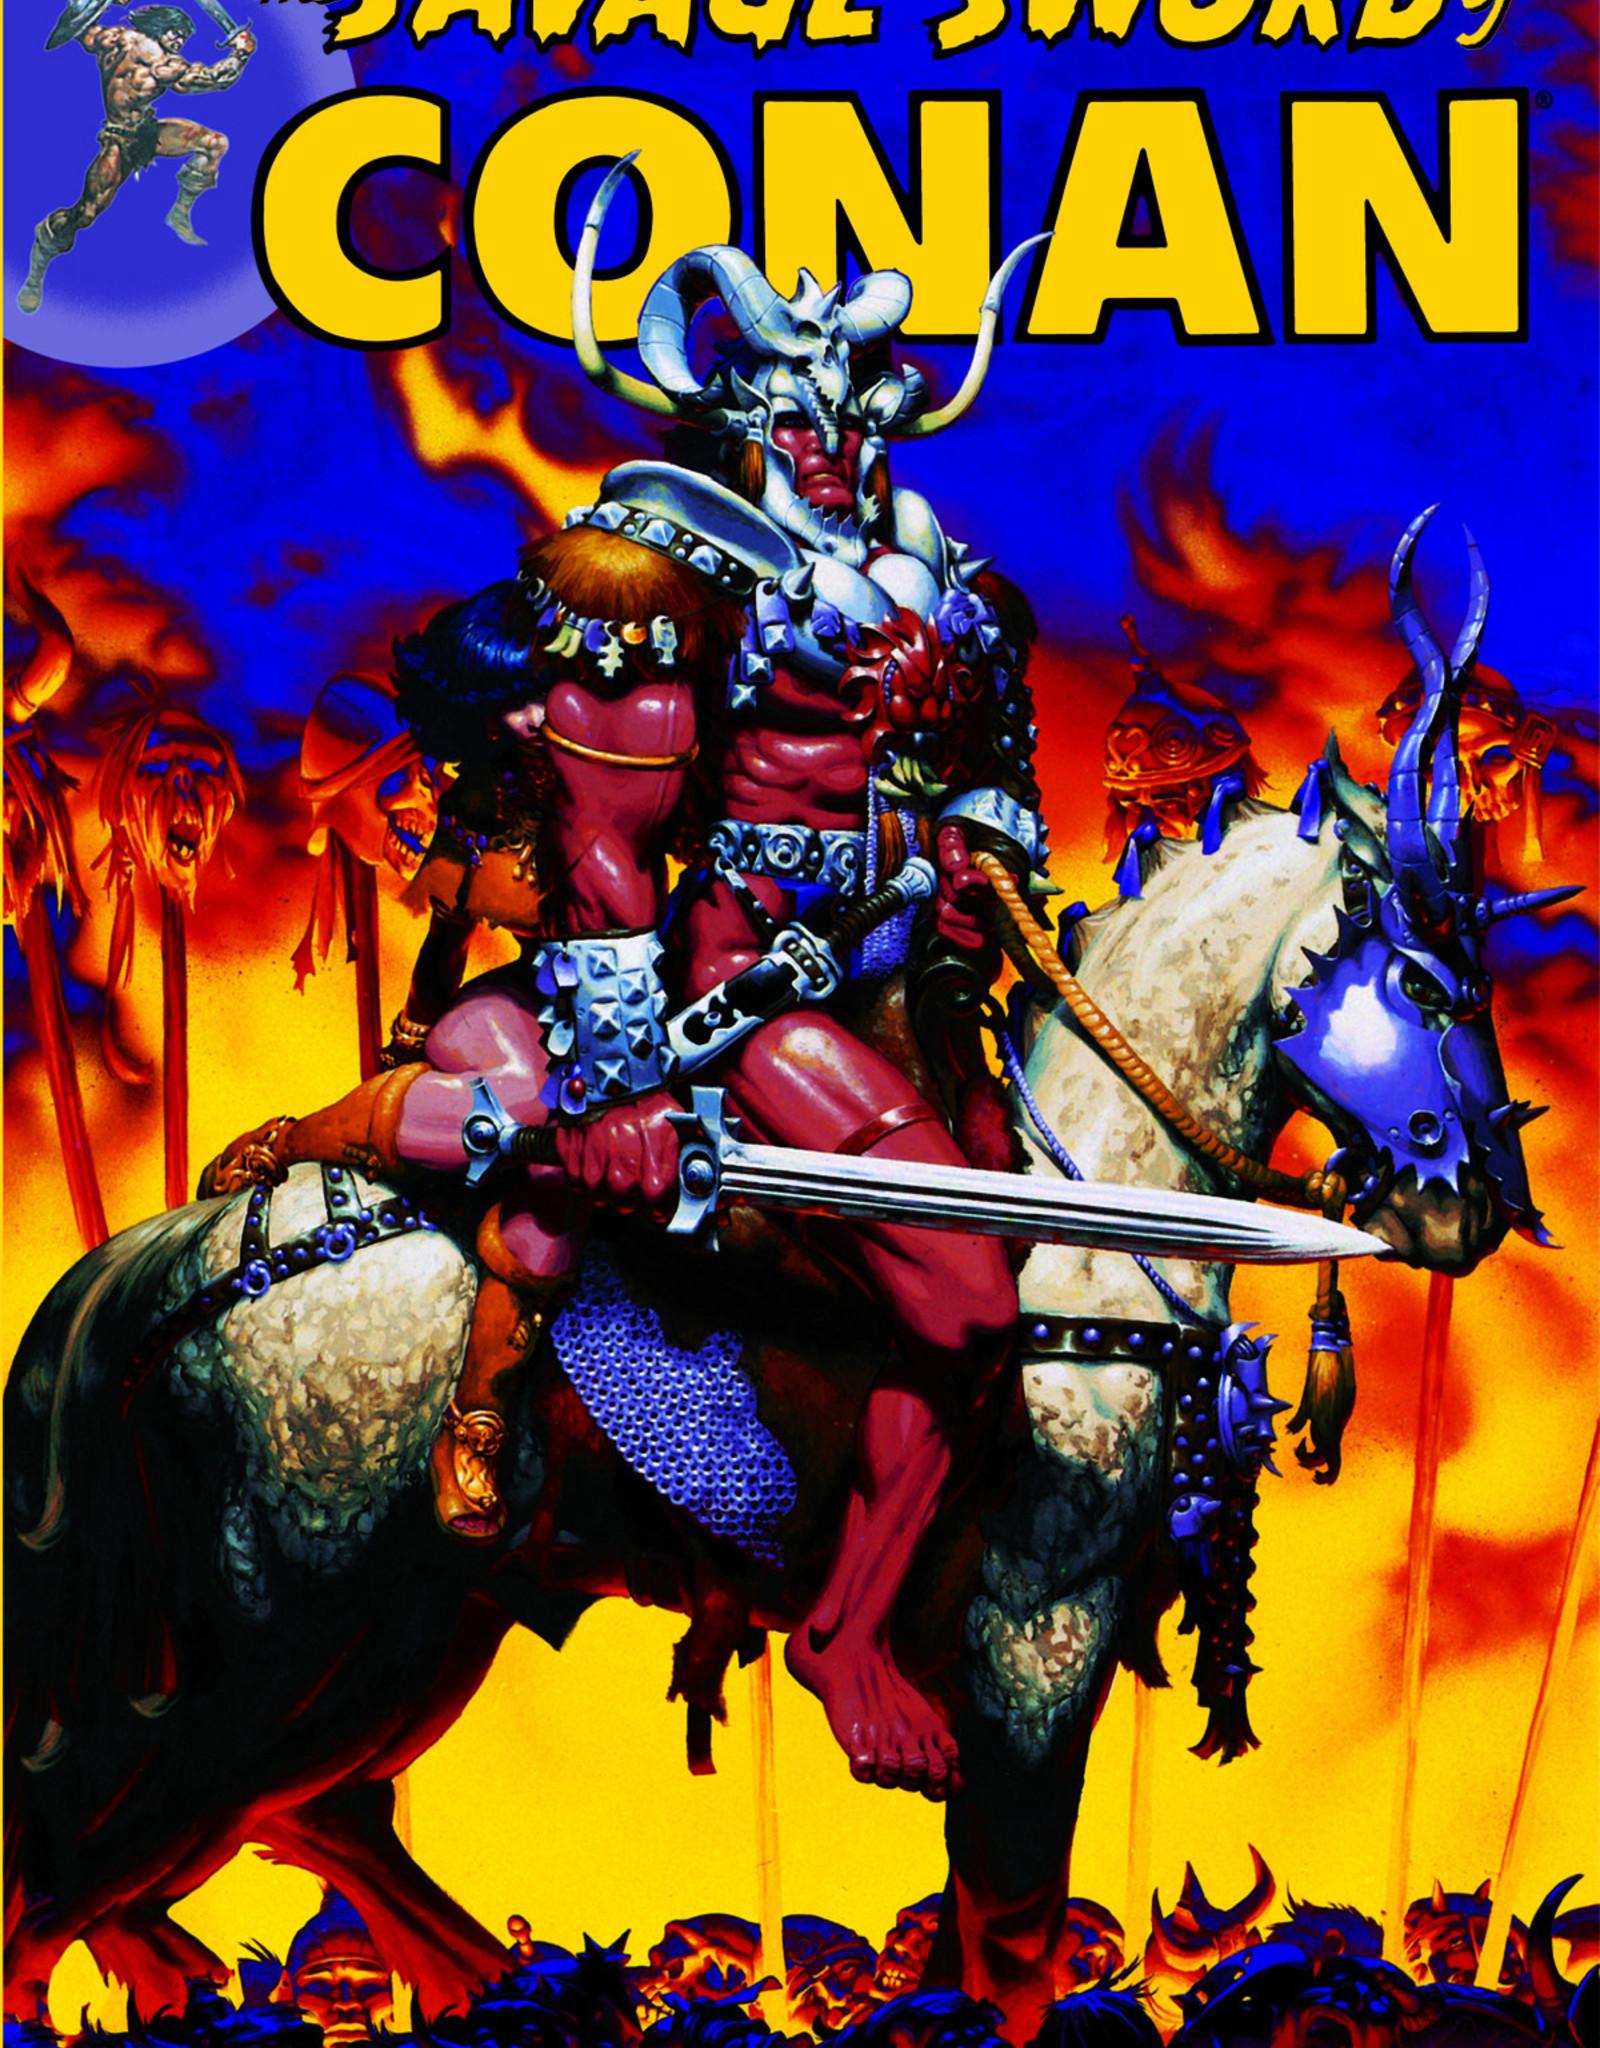 Conan Rey Nº 11/11 - Jim Owsley -5% en libros | FNAC